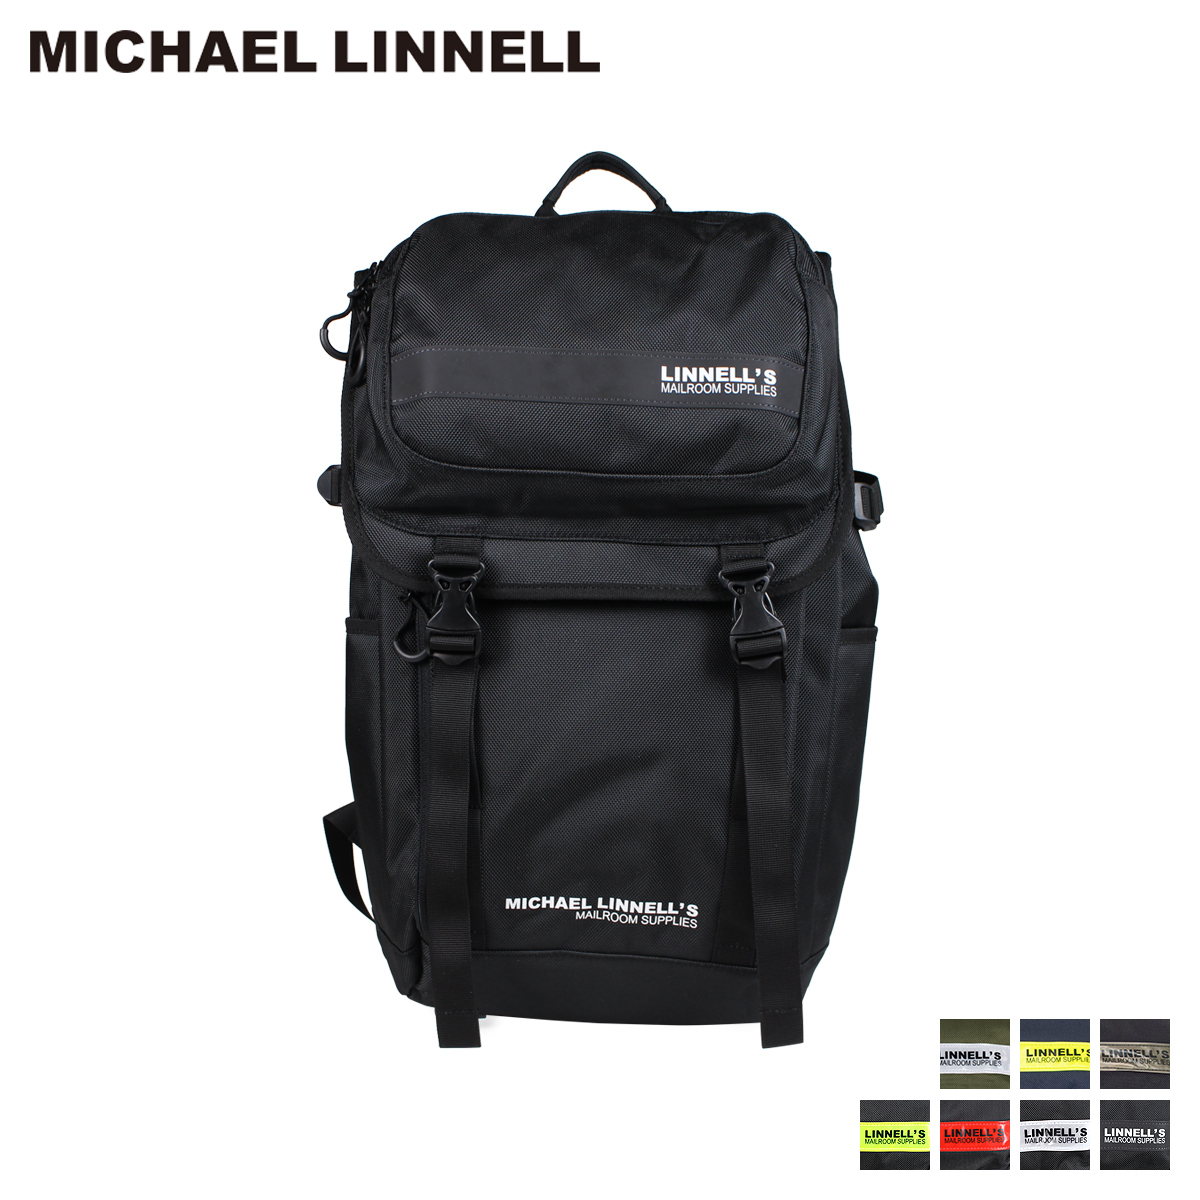 MICHAEL LINNELL DOUBLE DECKER マイケルリンネル リュック バッグ 27L メンズ レディース バックパック ブラック ネイビー カーキ 黒 ML-018